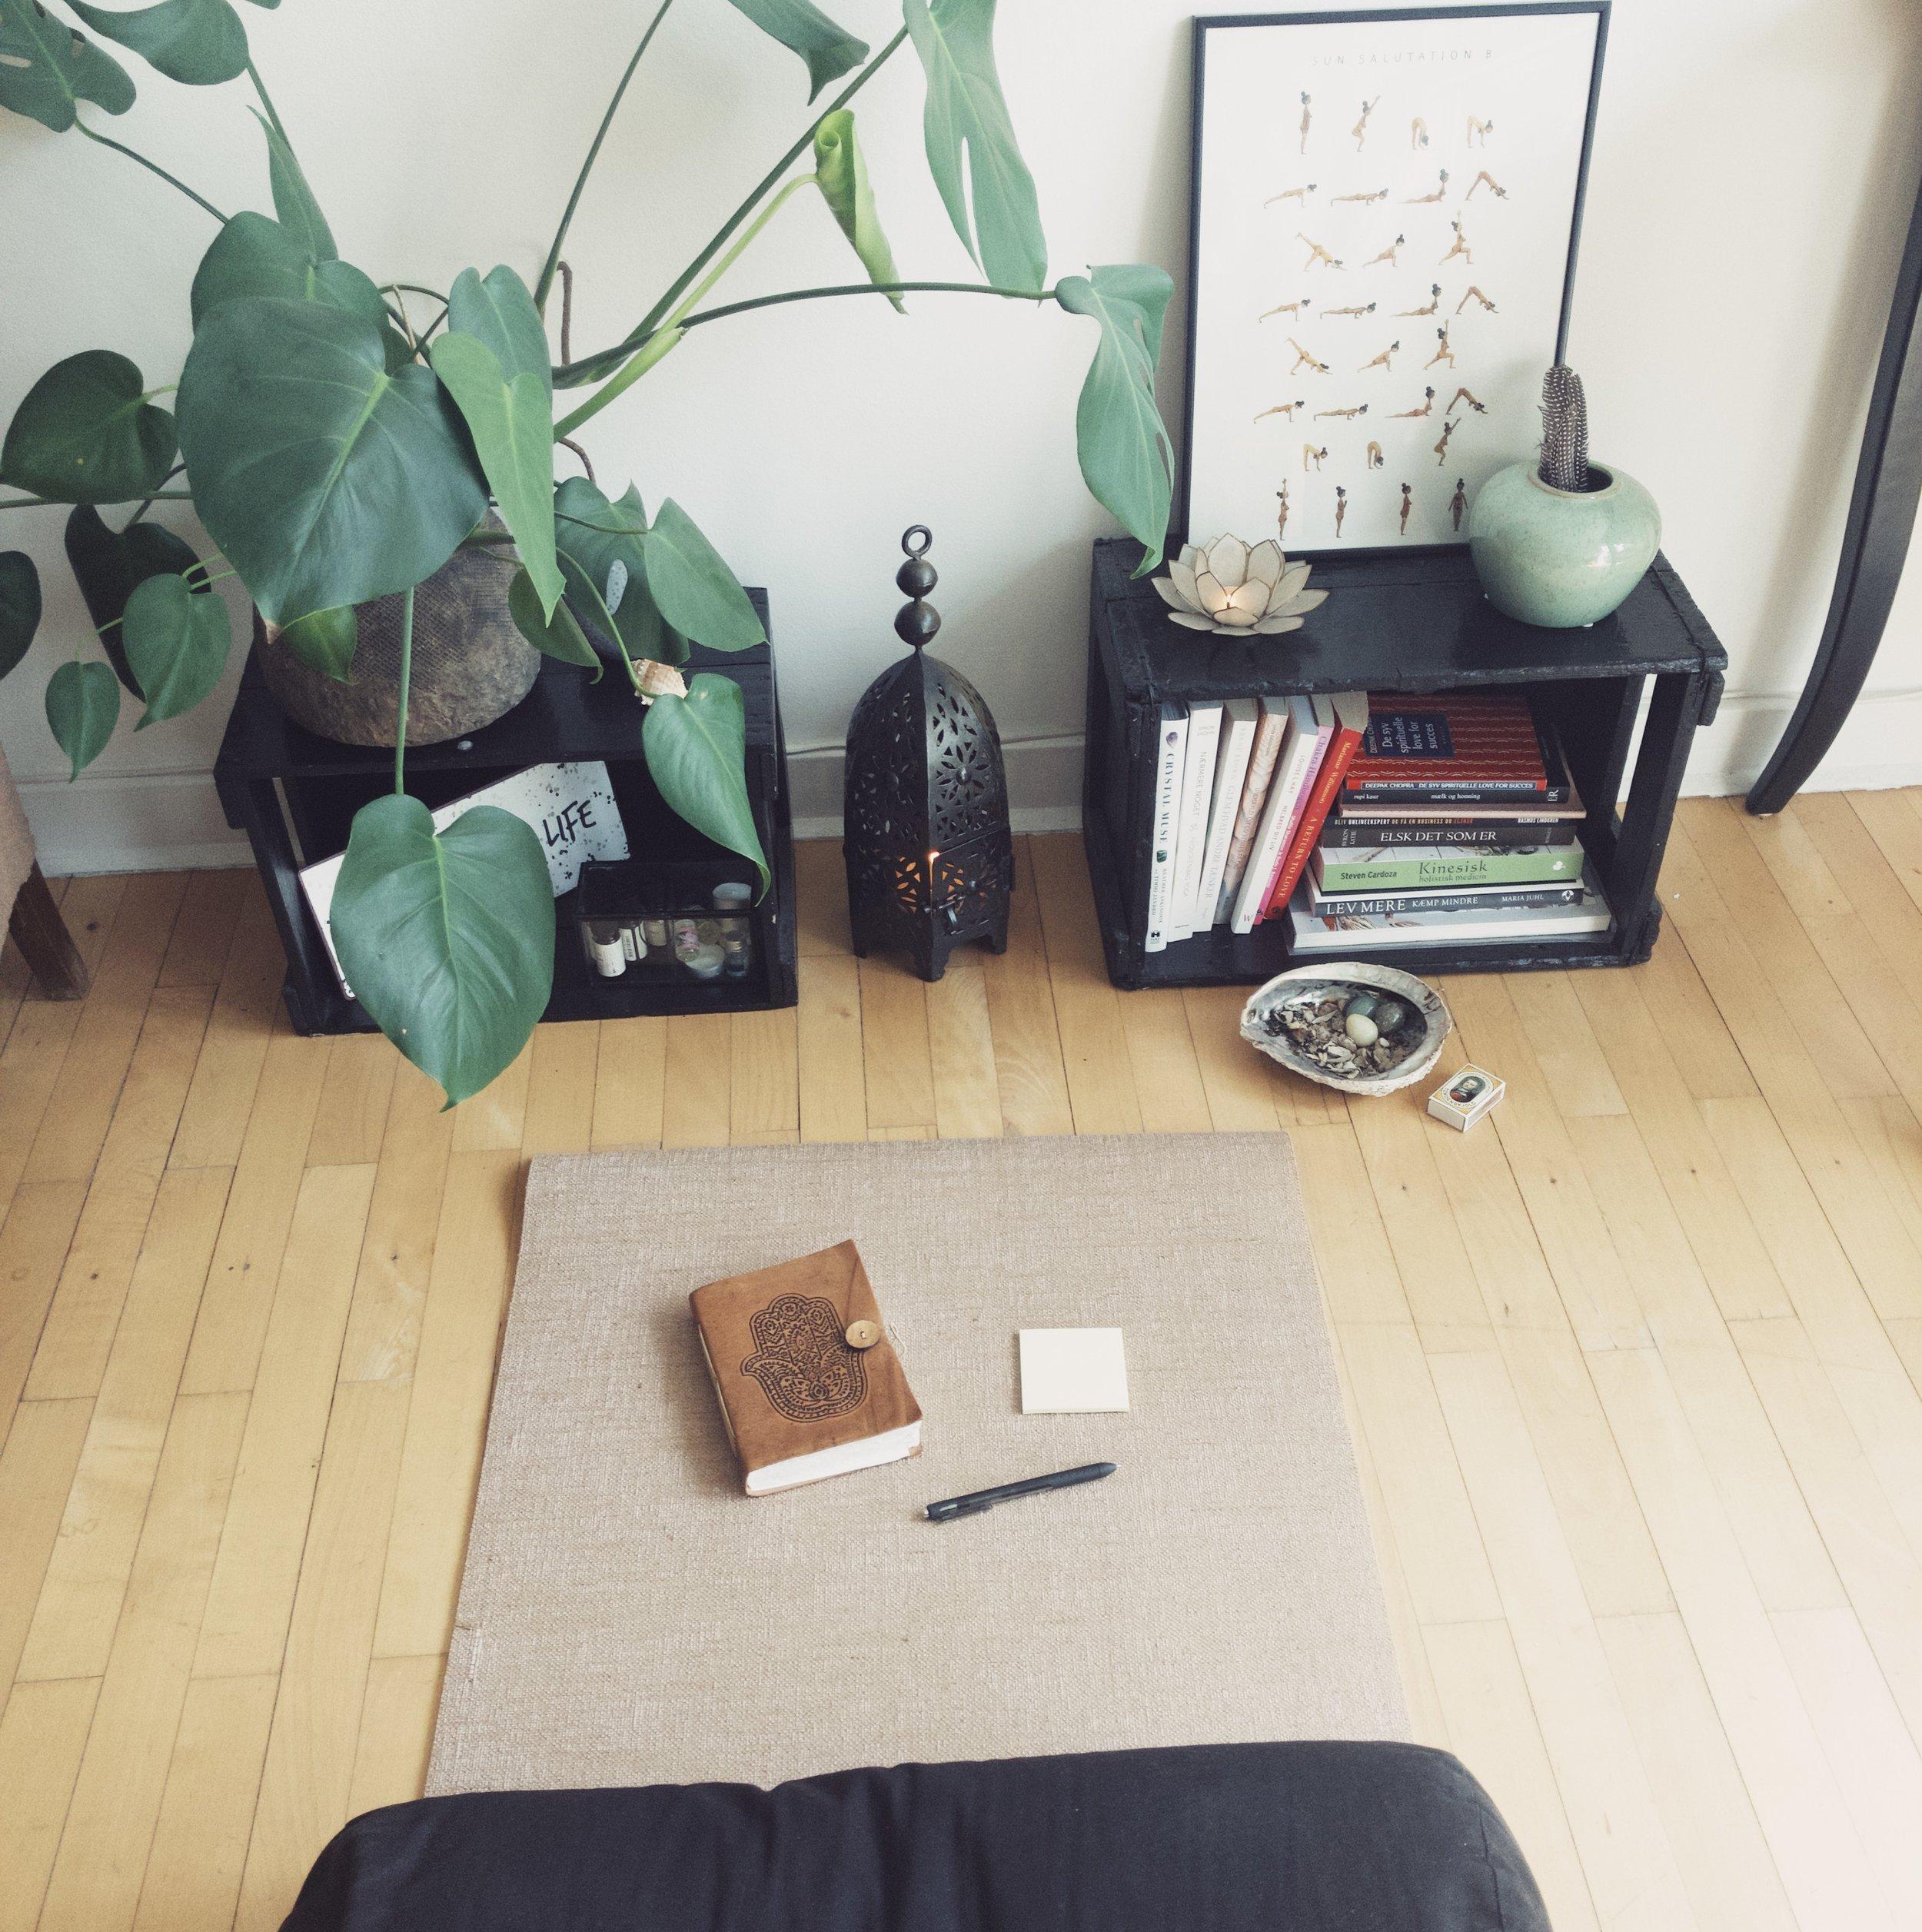 1. Skab et smukt arbejdsrum - Alt du skal bruge er omgivelser, der inviterer til reflektion og fordybelse, en stak post-its, en kuglepen og en notesbog.